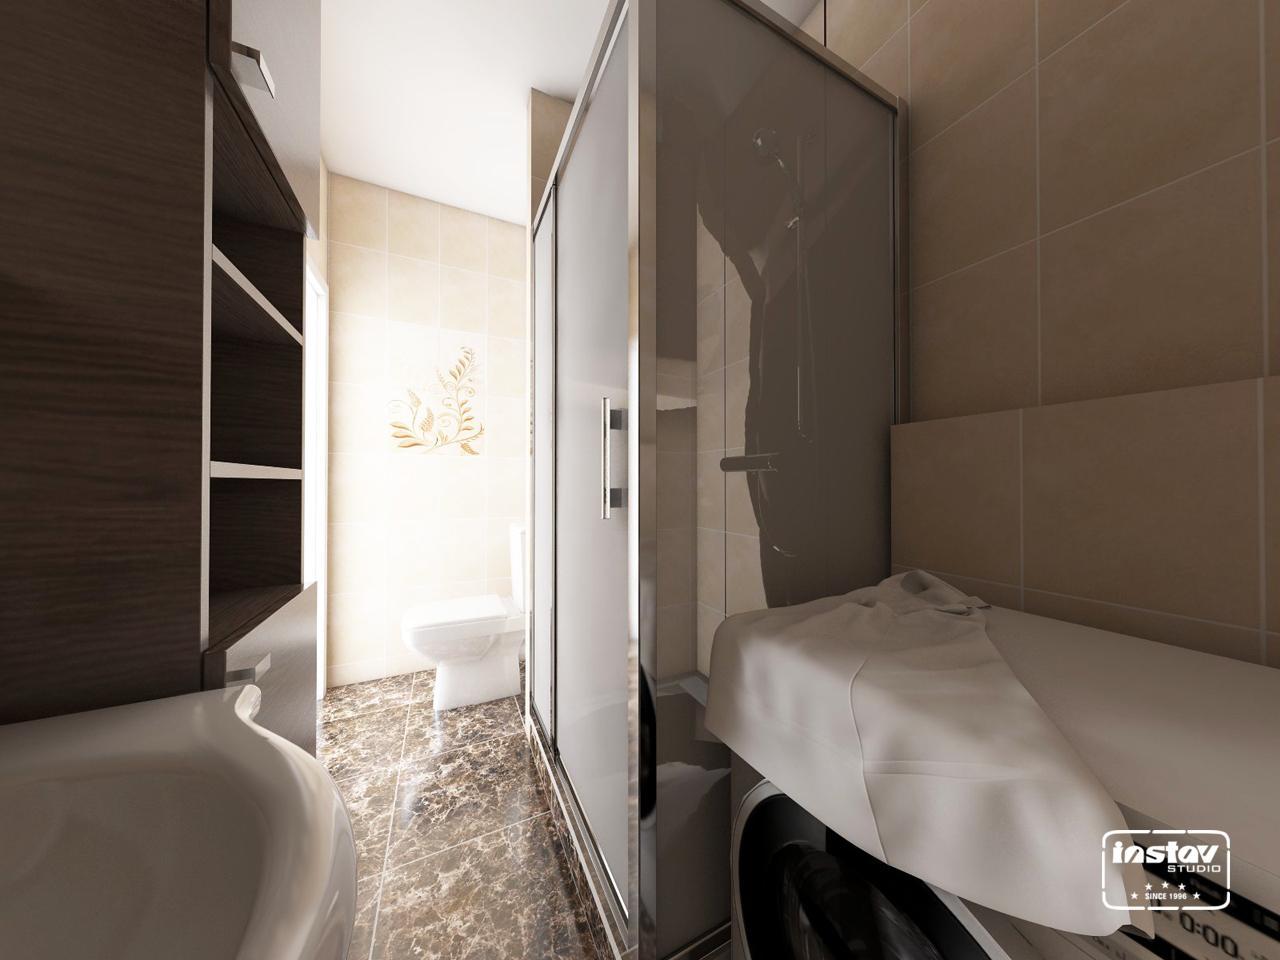 Vizualizácie kúpeľní - Vizualizácia kúpeľne - Oriano